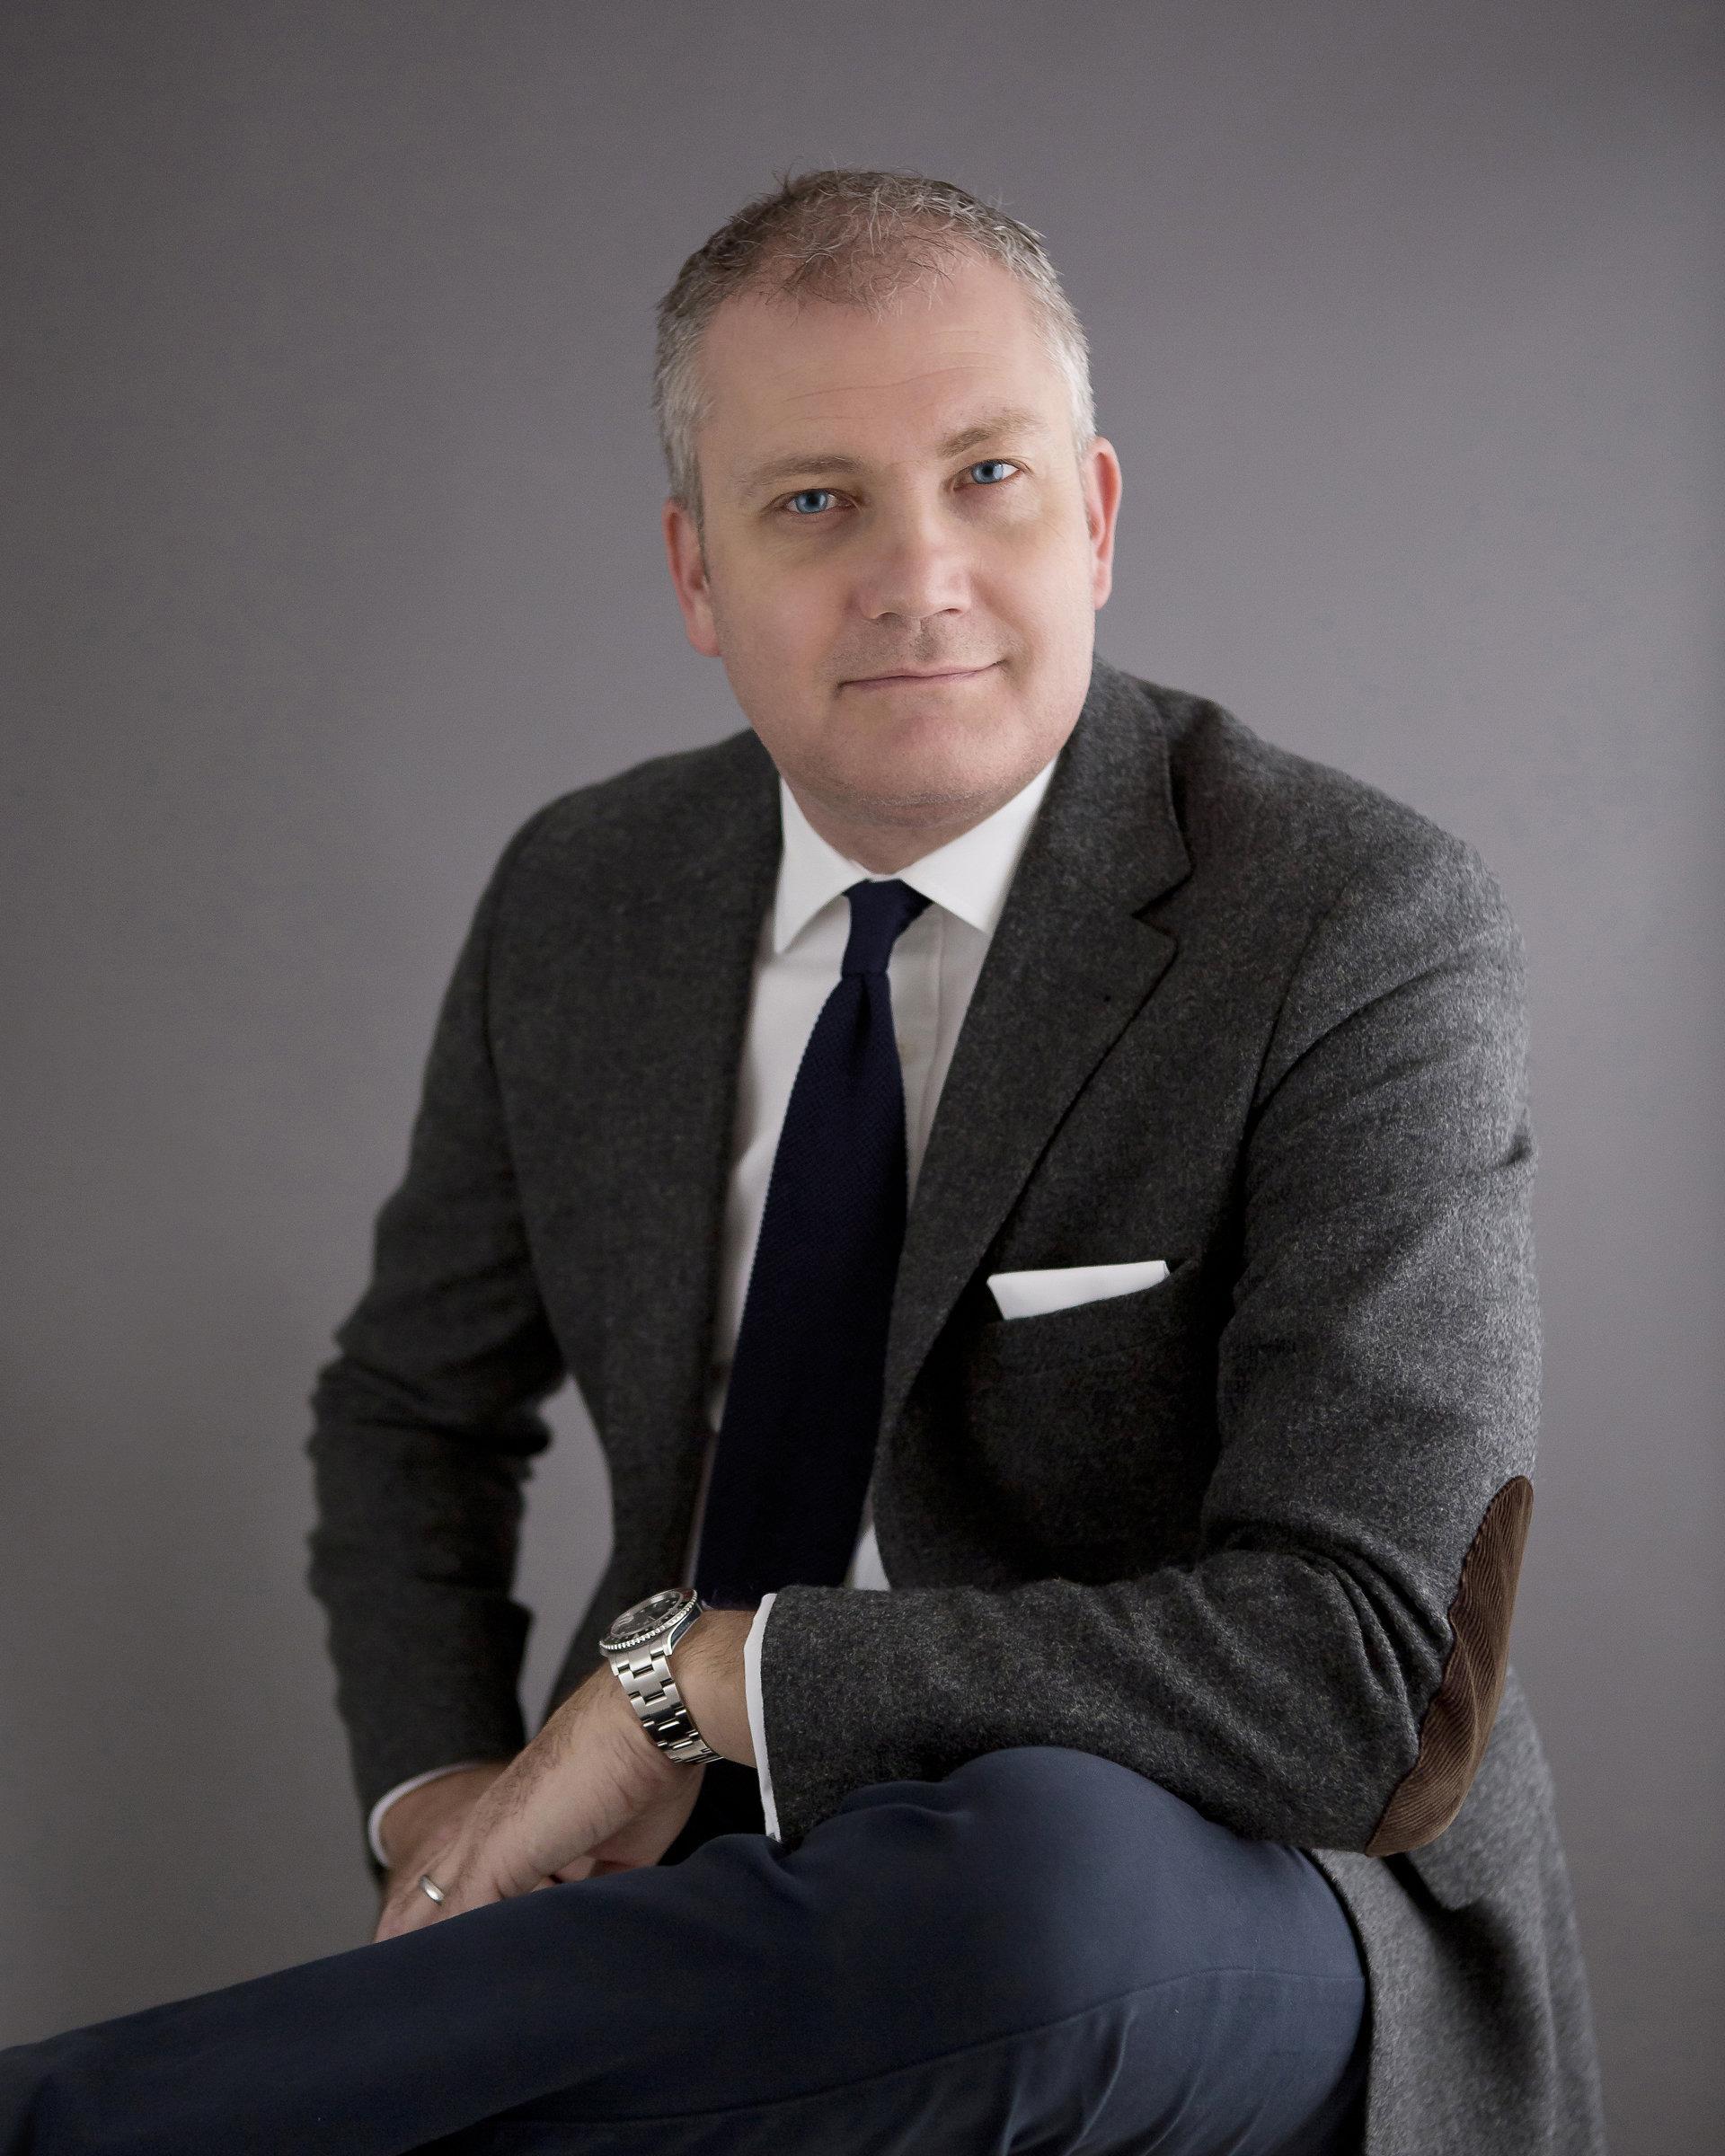 Online real estate agent eMoov picks up £9M backing